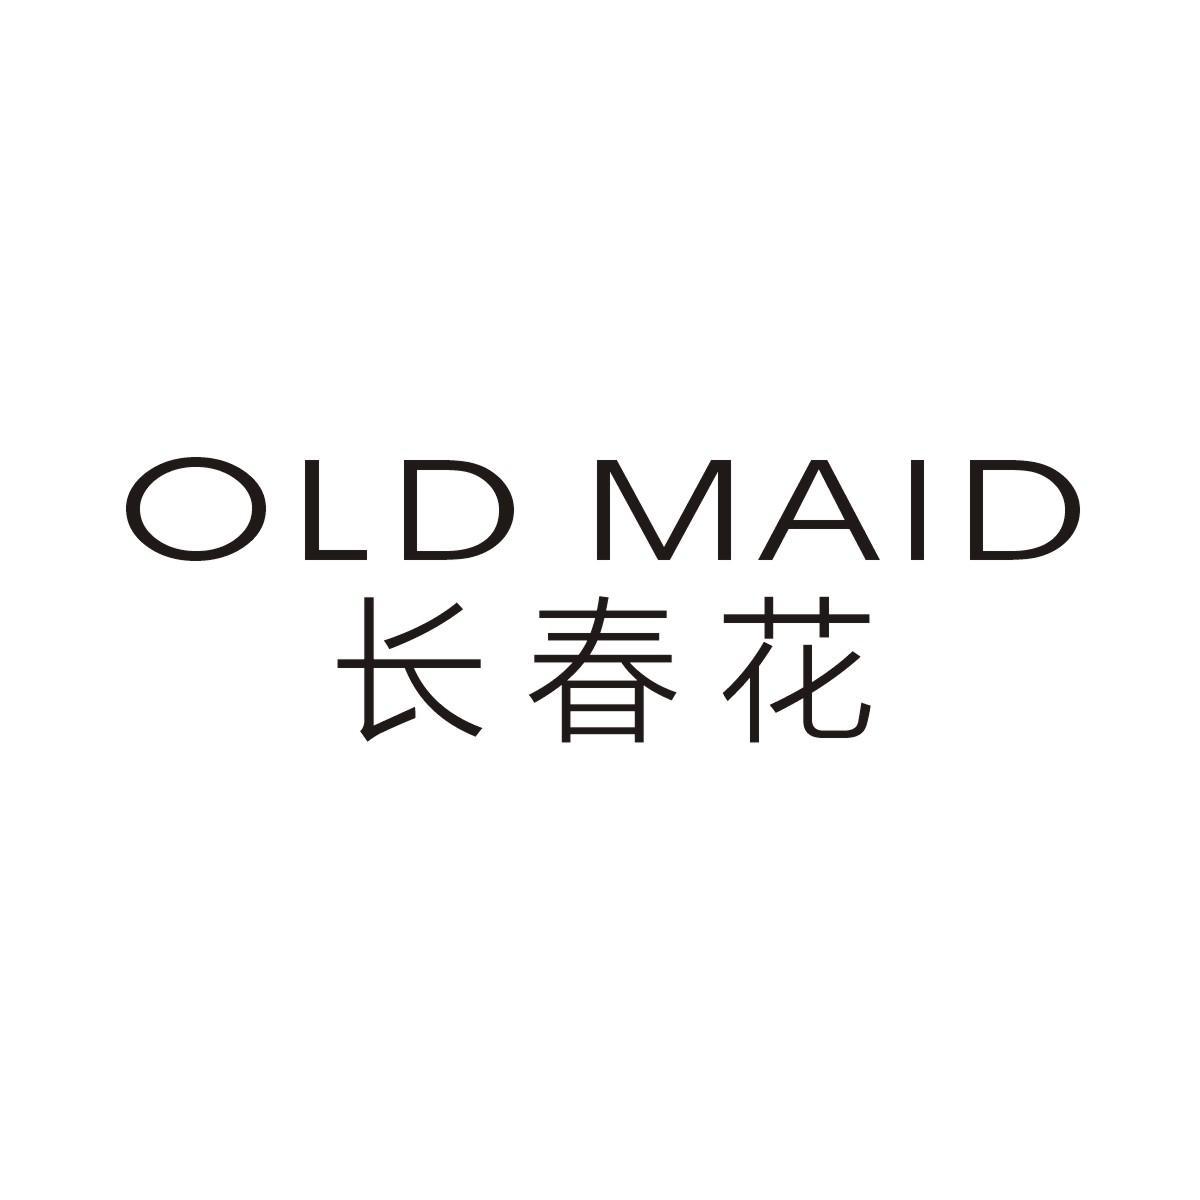 长春花  OLD MAID